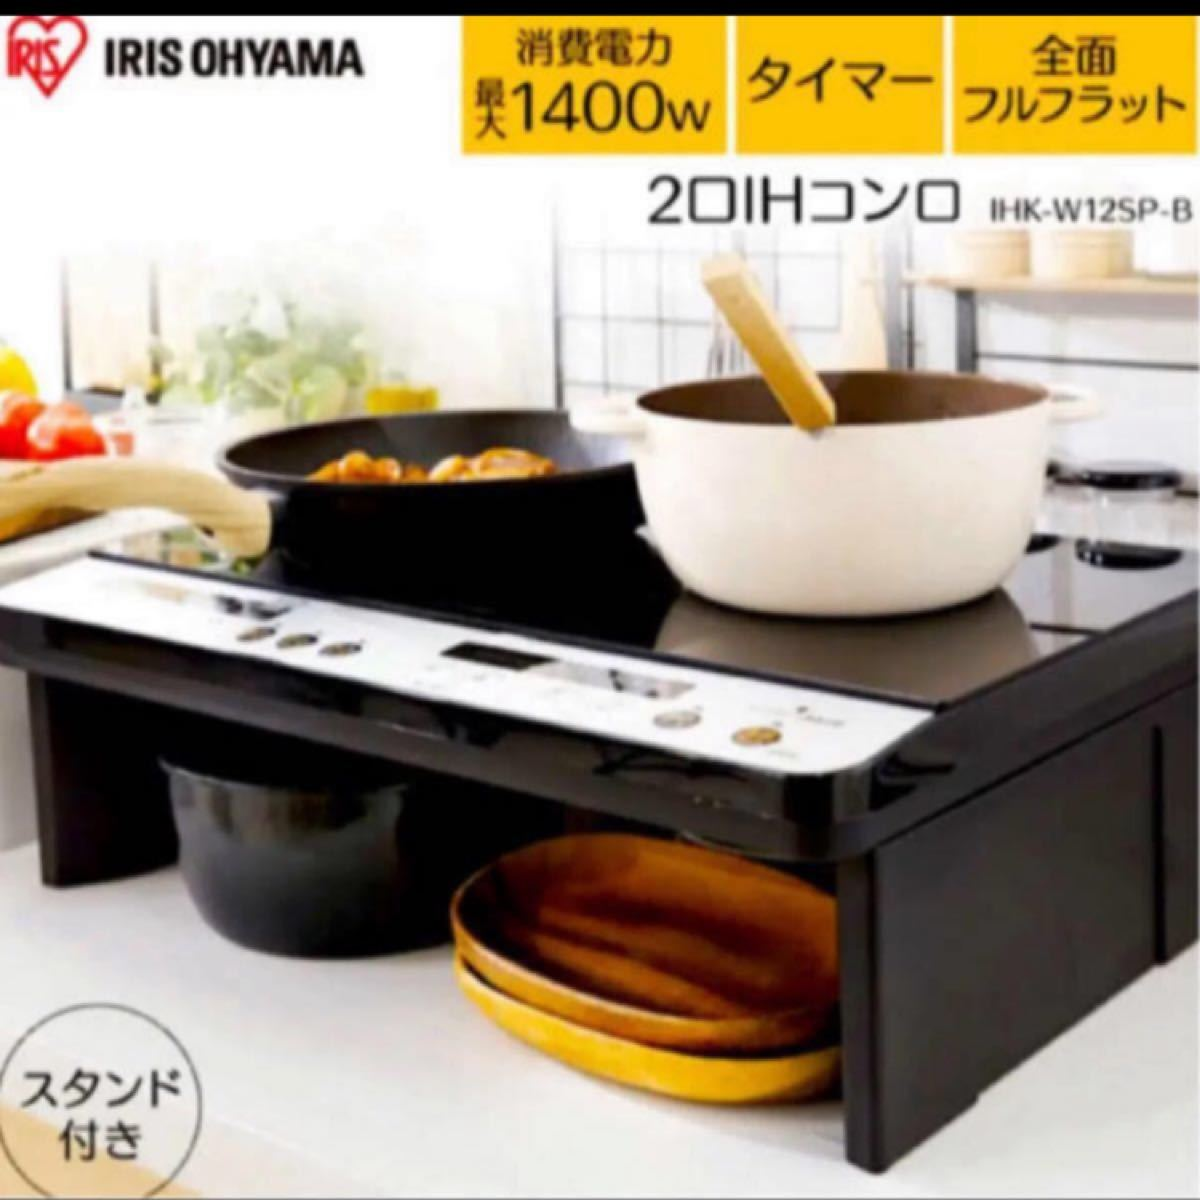 アイリスオーヤマ IH 2口コンロ 新品